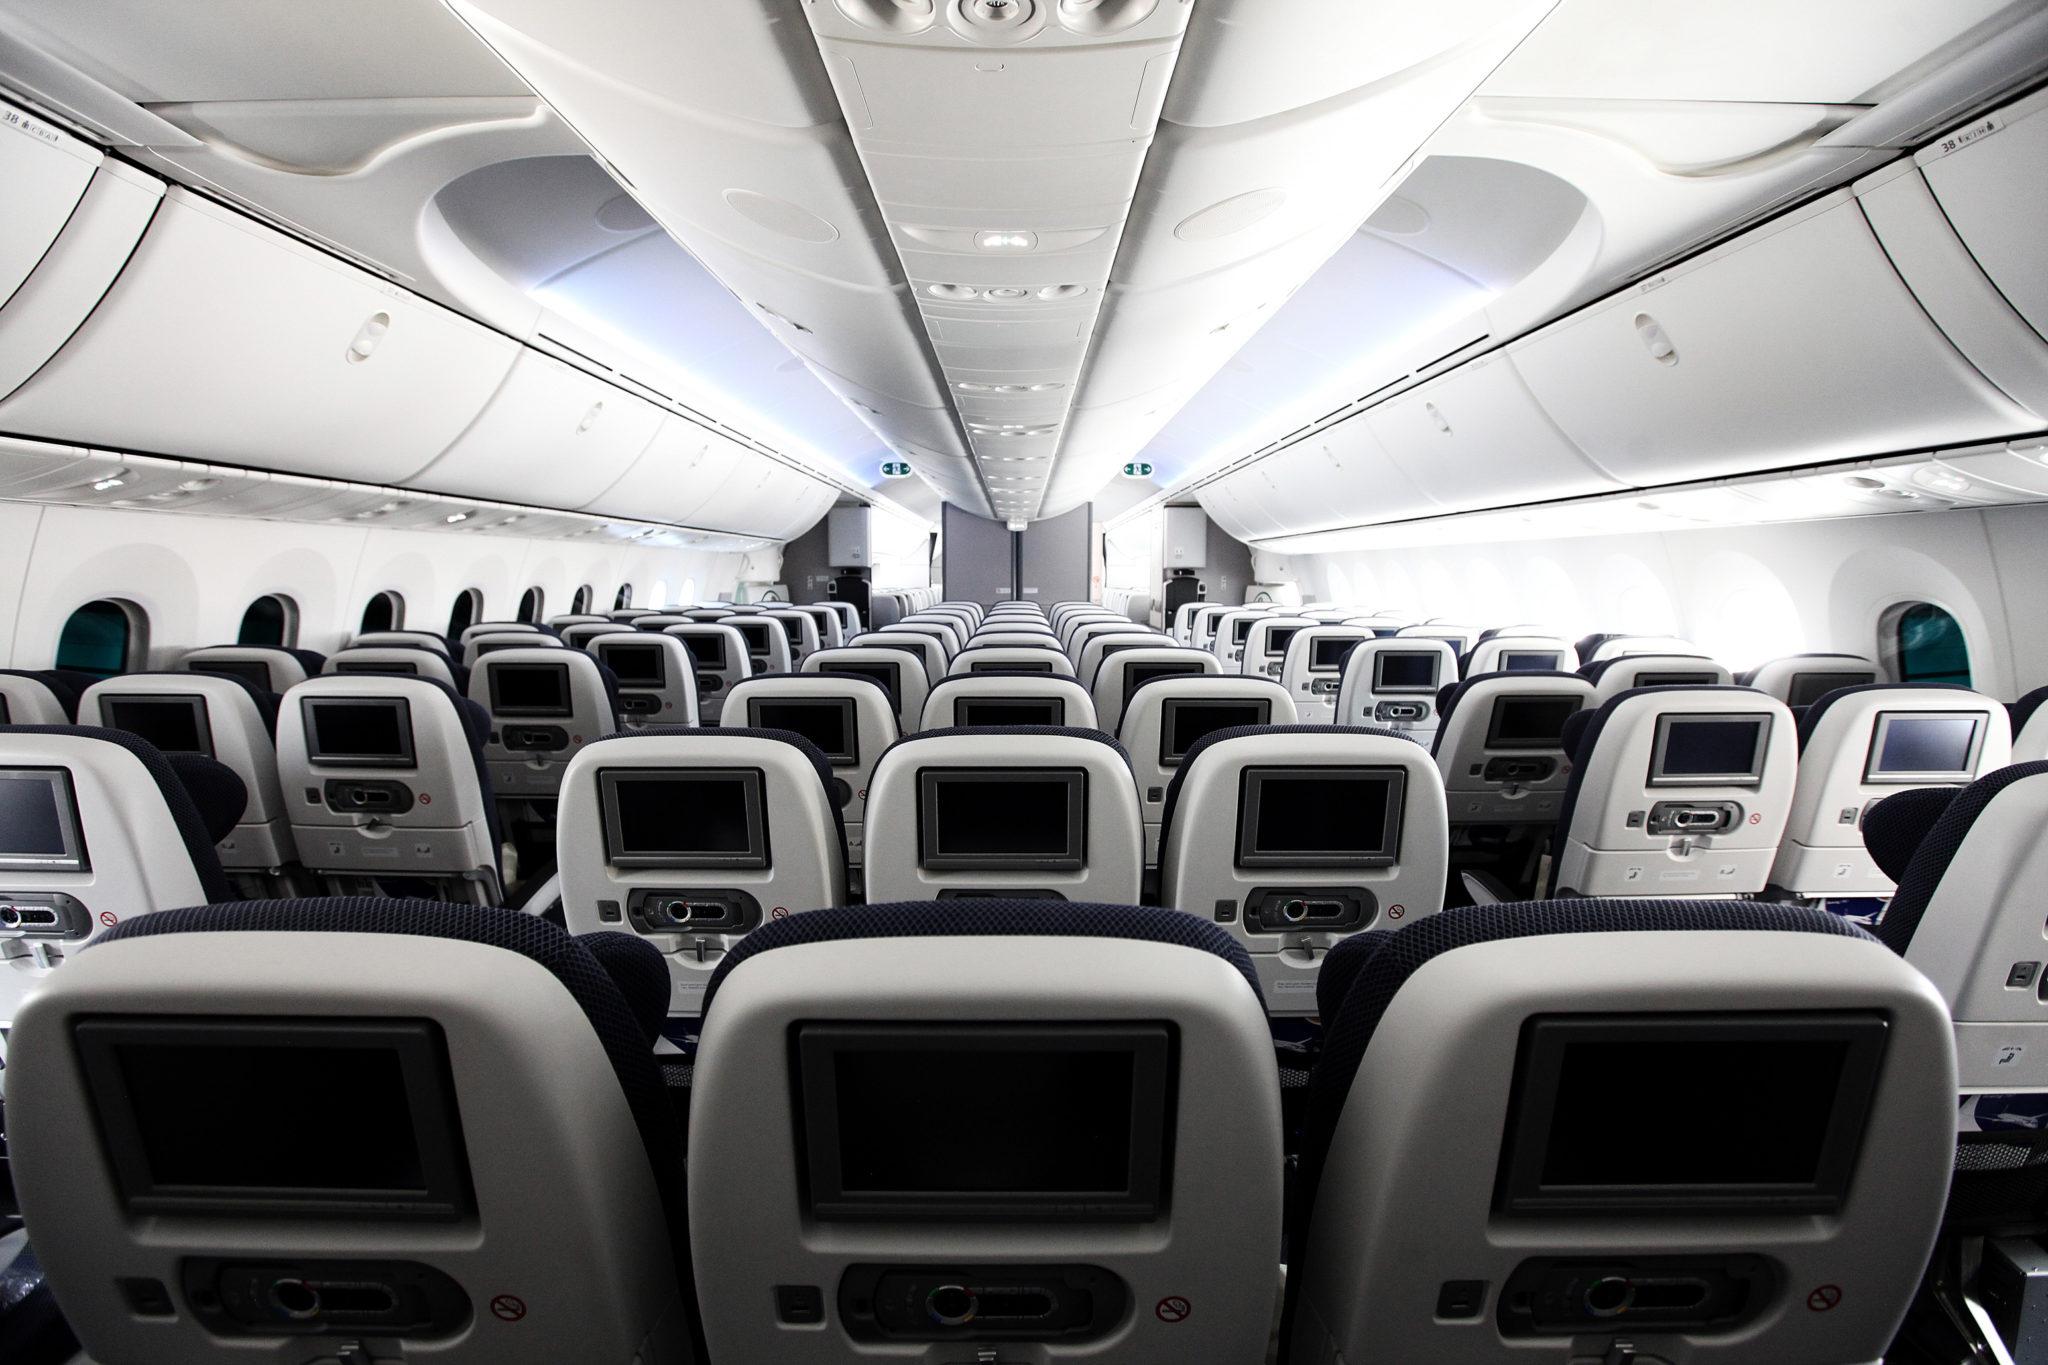 Negative Feedback Prompts British Airways To Widen Seats